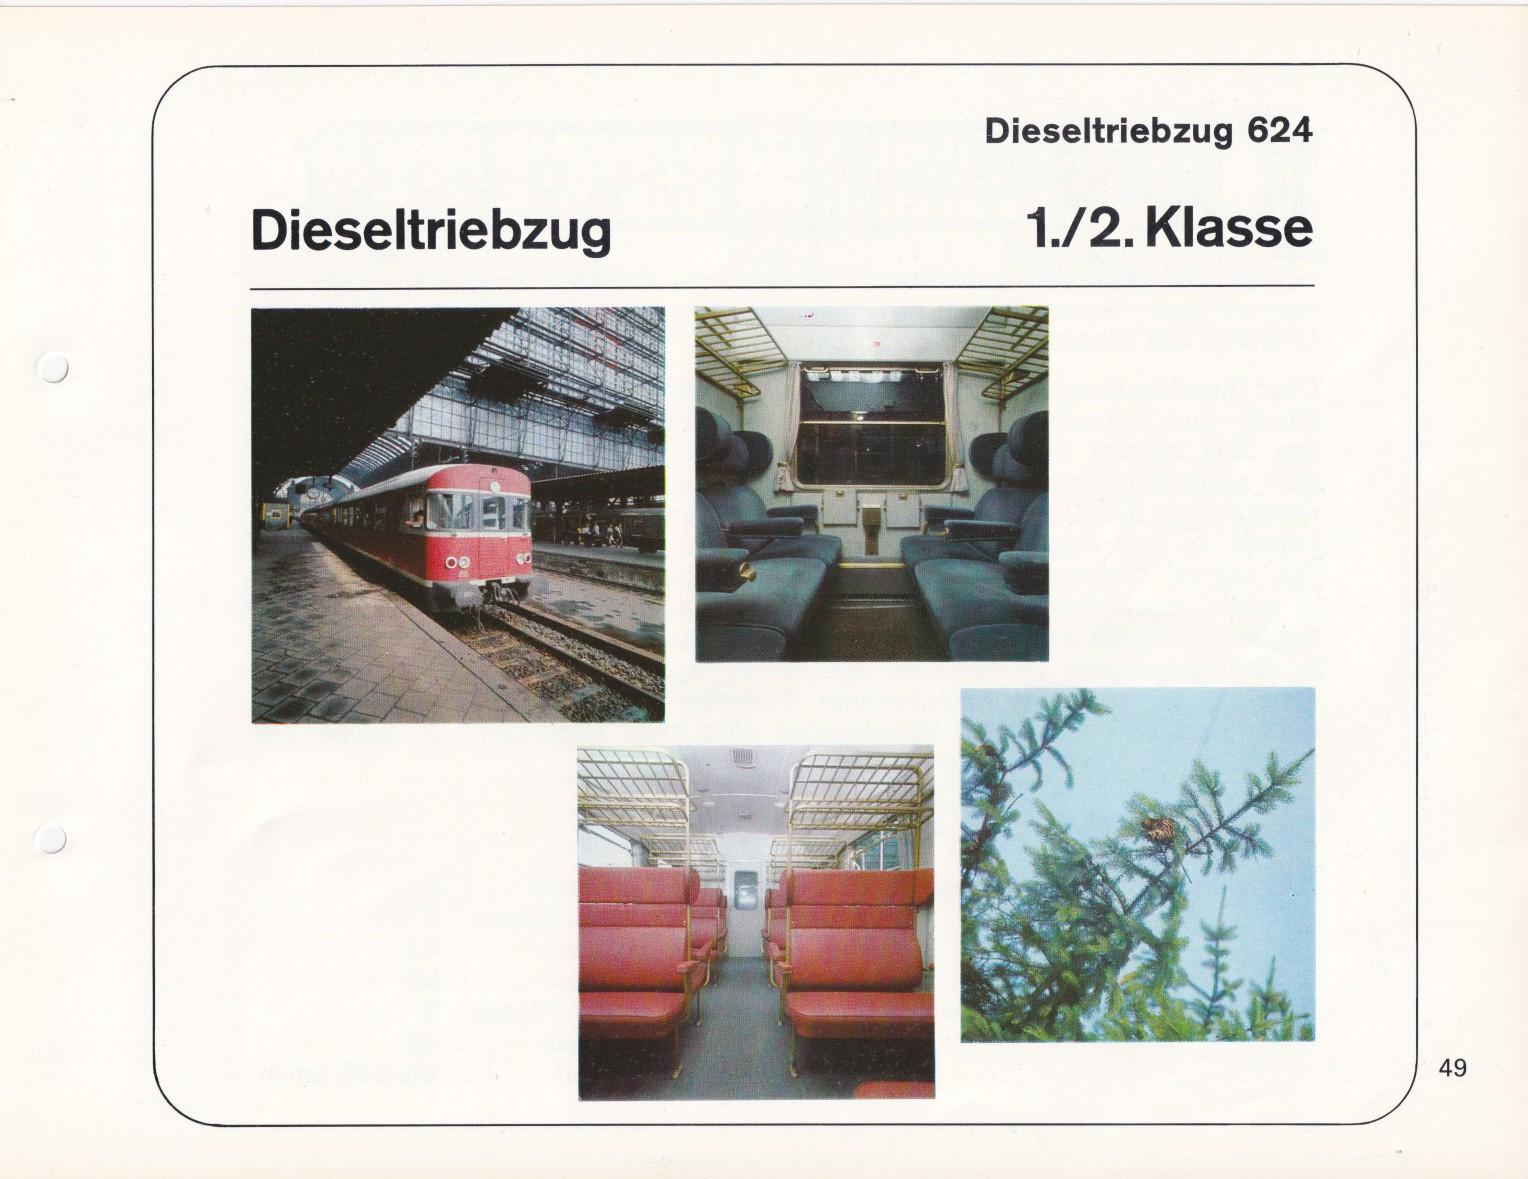 https://www.nullclub.de/hifo/Fahrzeuglexikon/Wagen49a.jpg